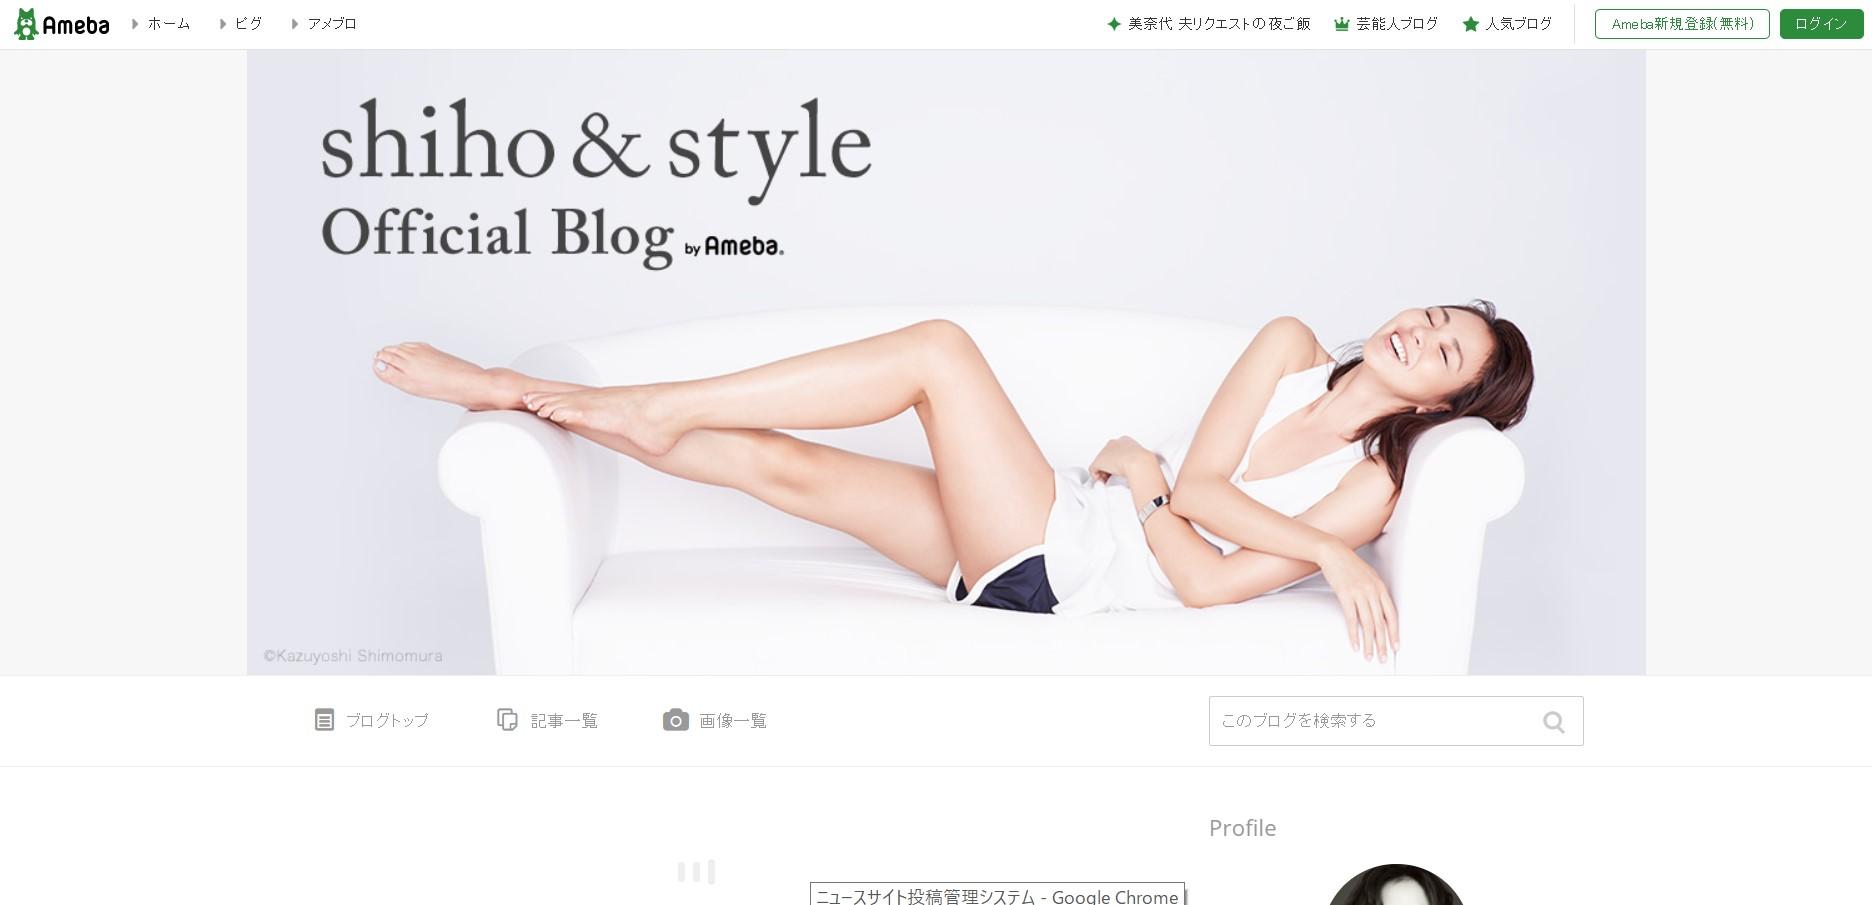 人気モデルのSHIHOが「朝のルーティン」を公開